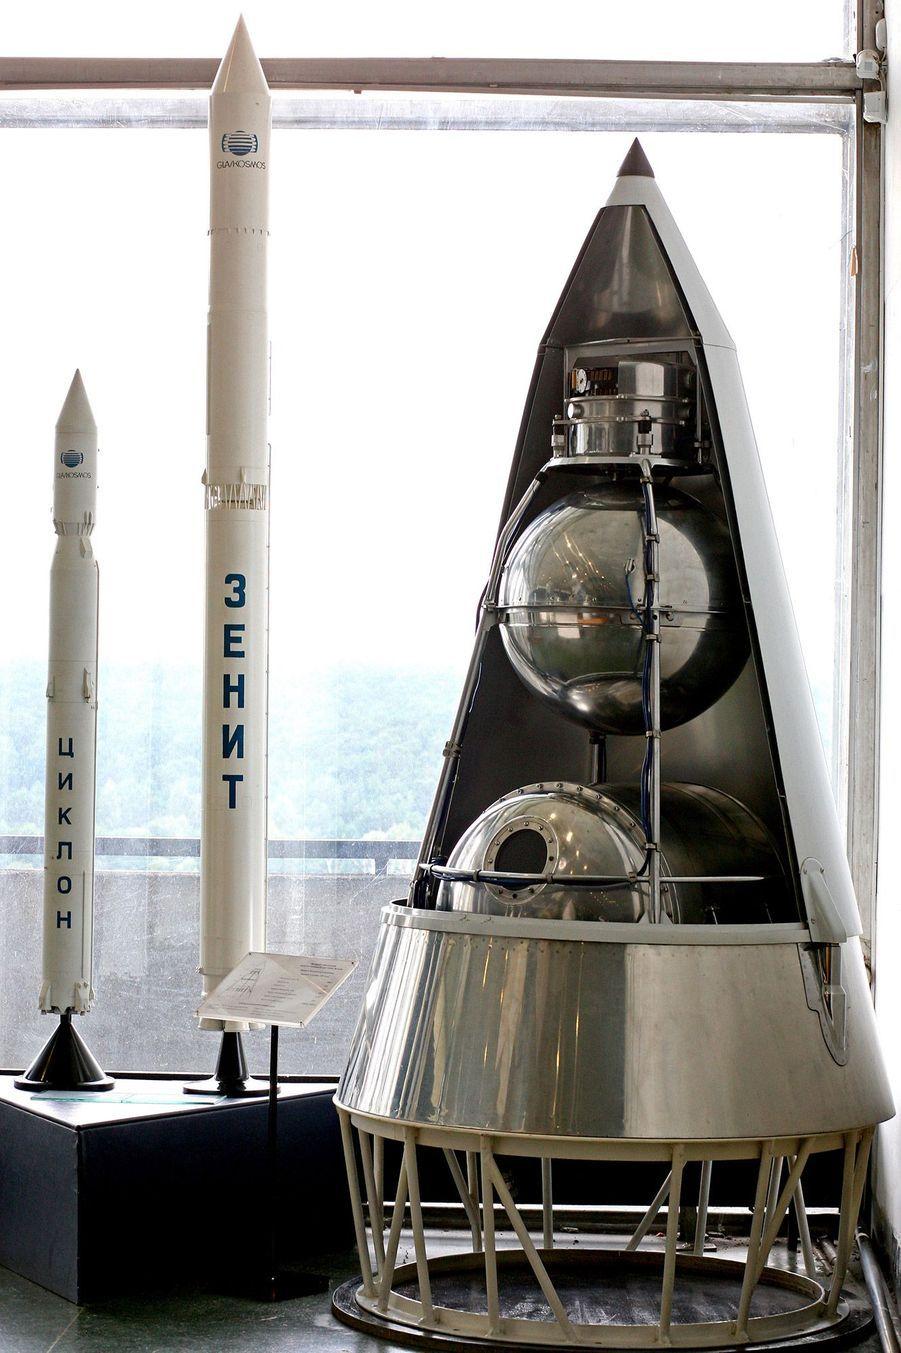 Le satellite Spoutnik dans lequel Laïka est allée dans l'espace.